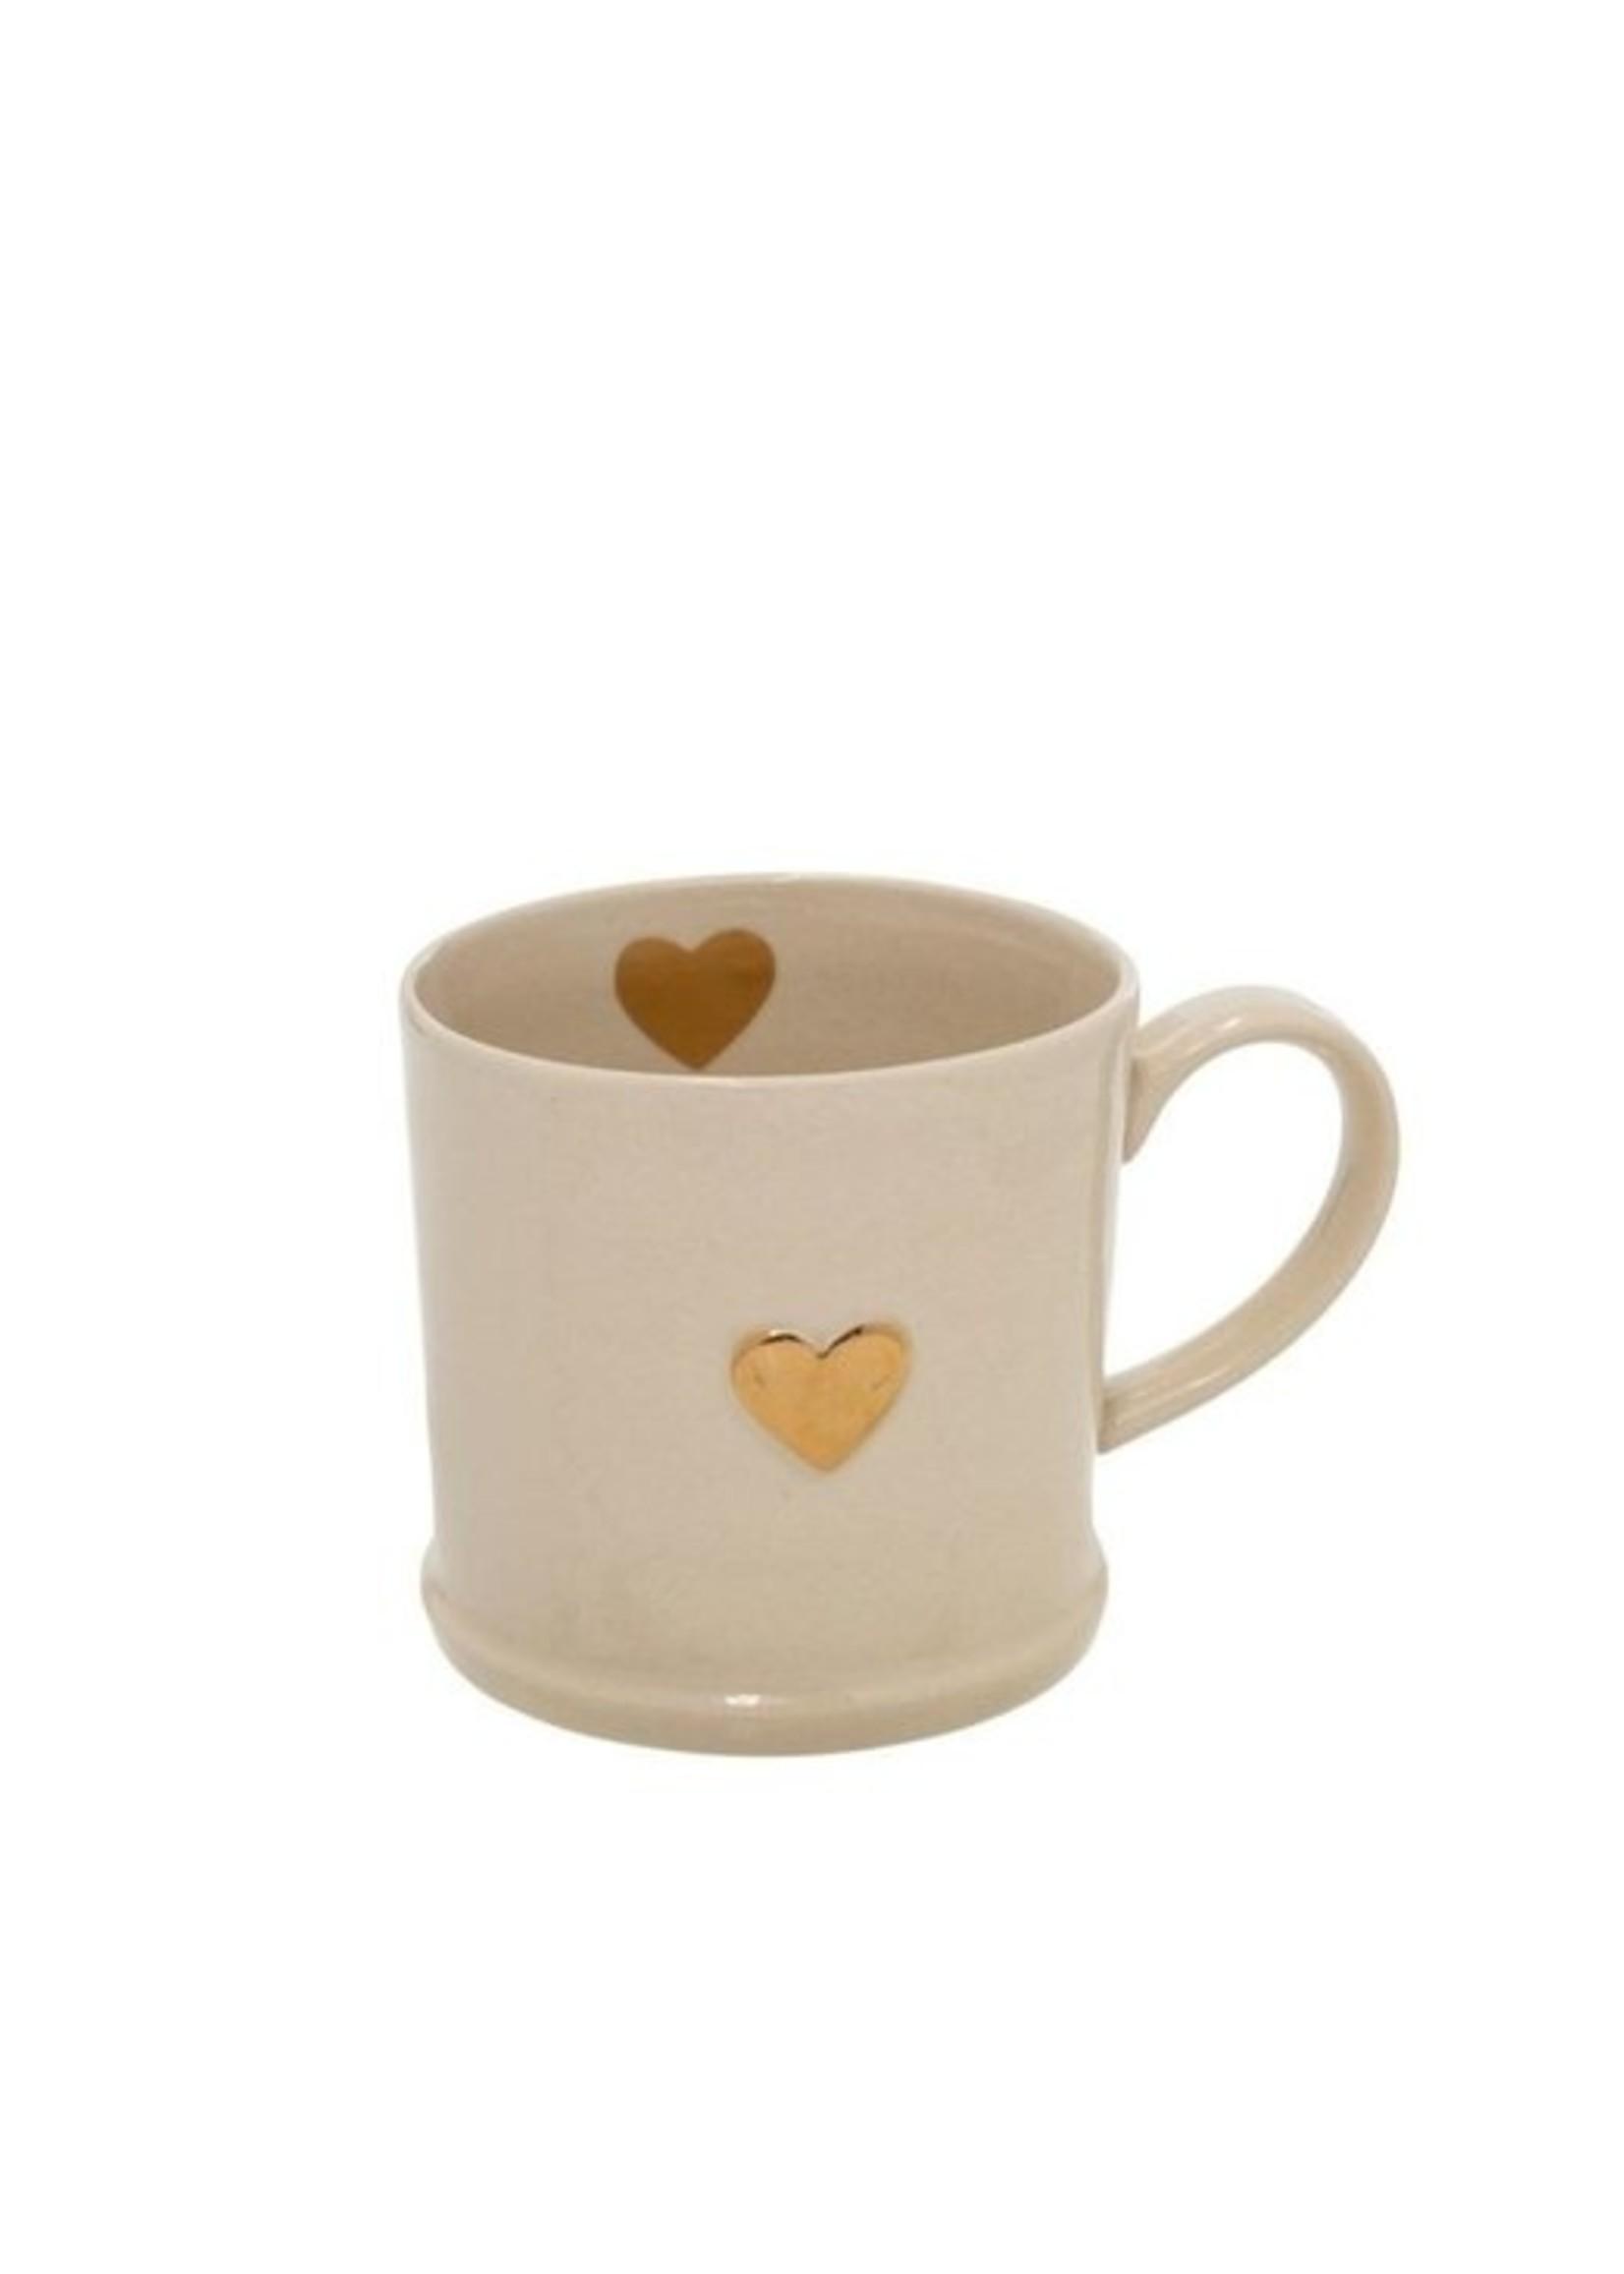 Indaba Trading Co Sweetheart Mug | Gold